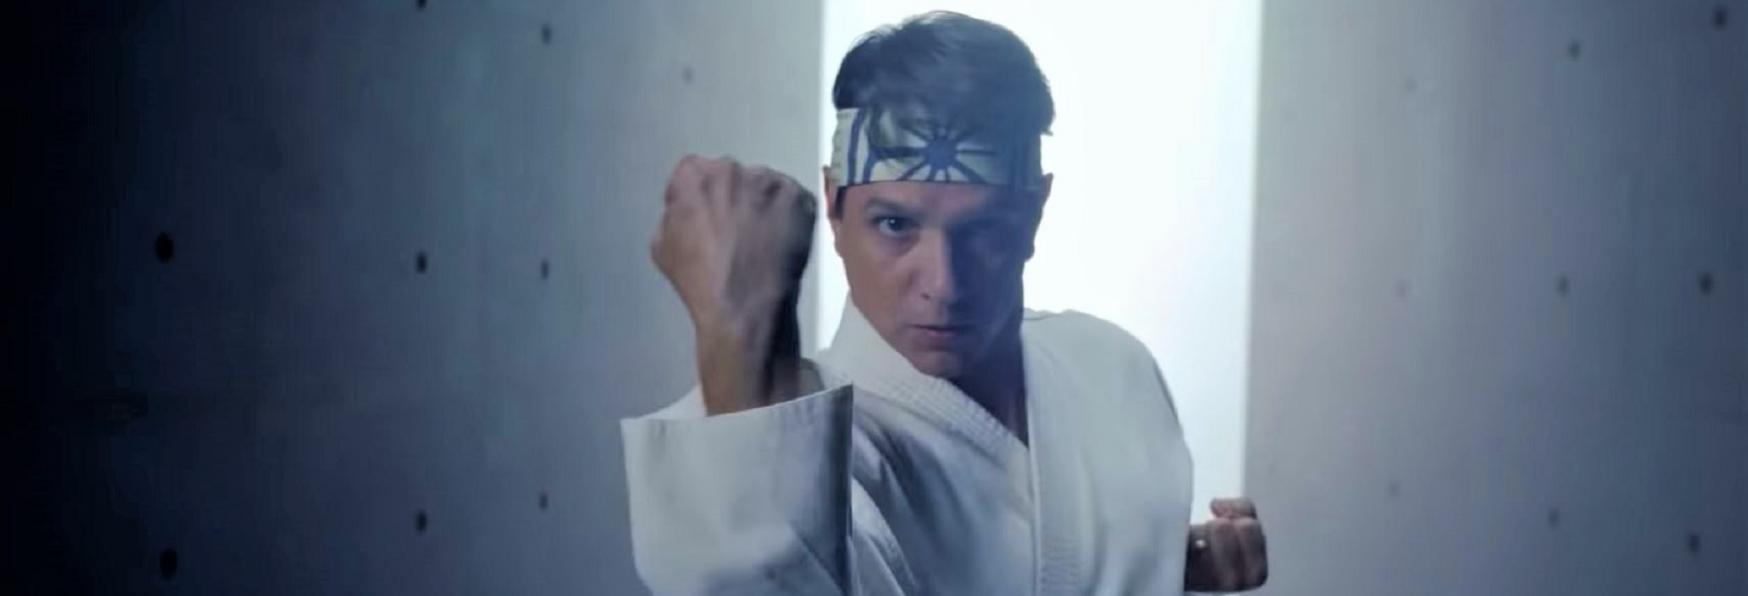 Cobra Kai 4: il Teaser Trailer svela il Periodo di Uscita della nuova Stagione